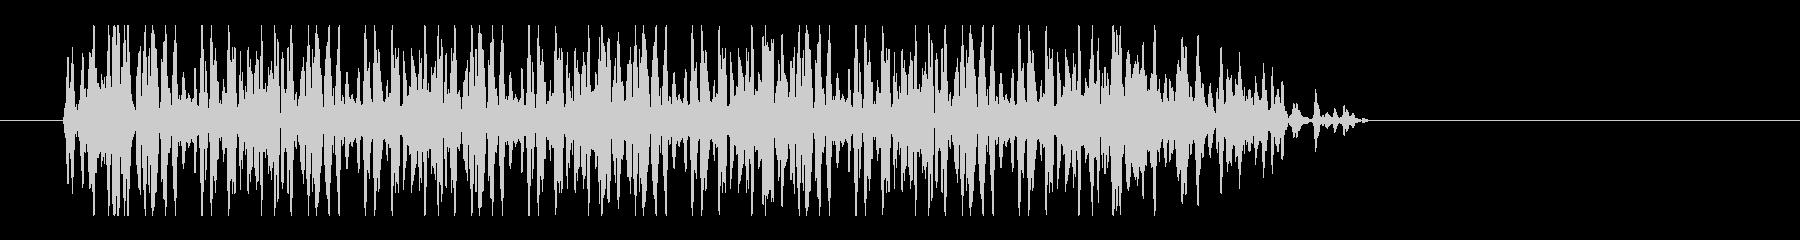 レーザー音-34-3の未再生の波形